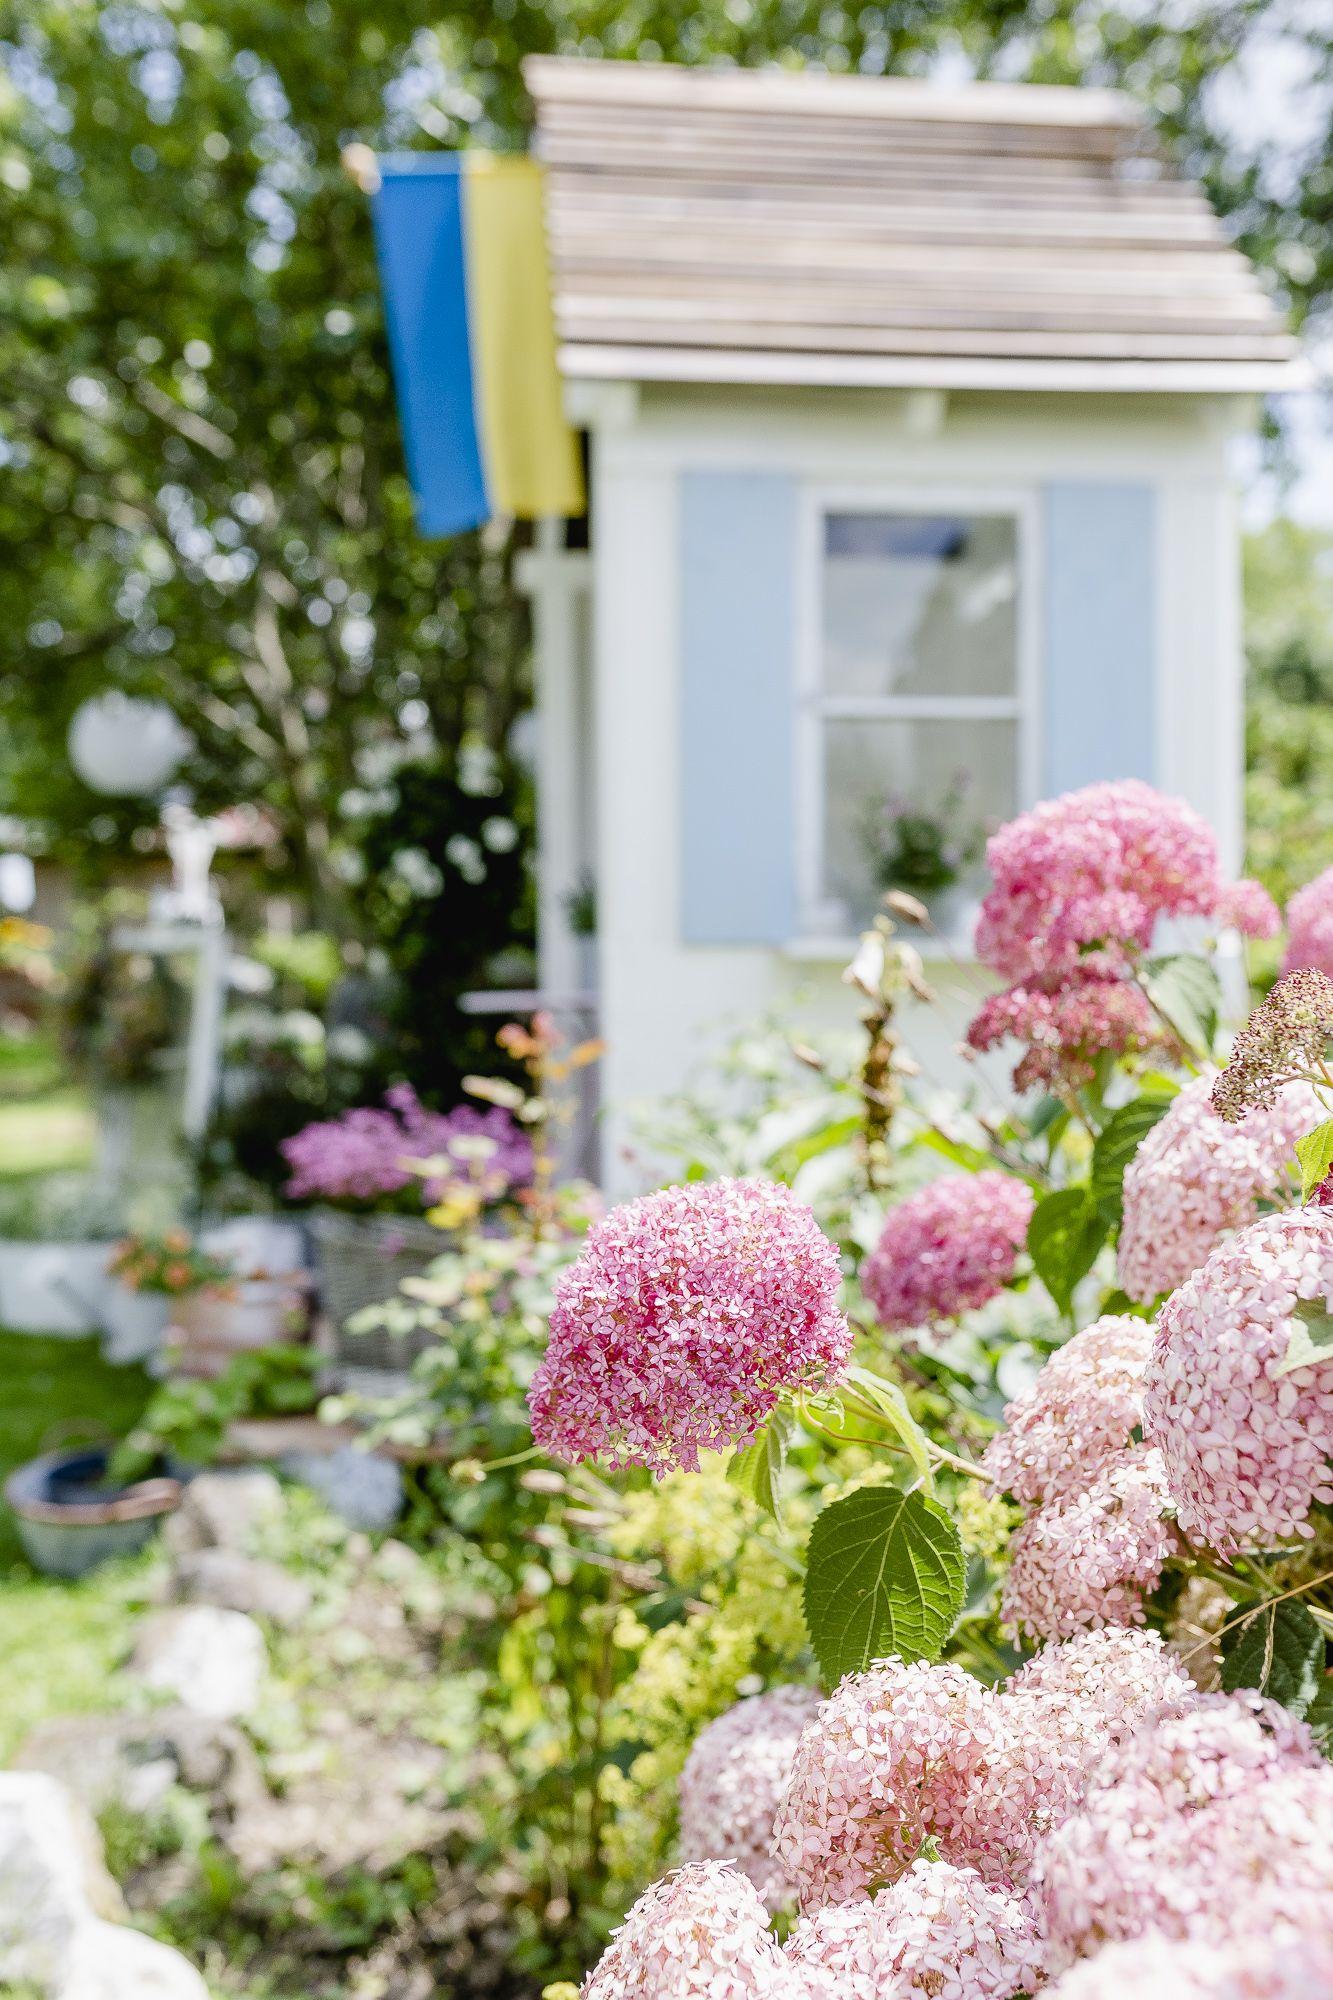 Gugls Mit Schokomousse Und Beeren Rezept Schokomousse Wohnen Und Garten Garten Pflanzen